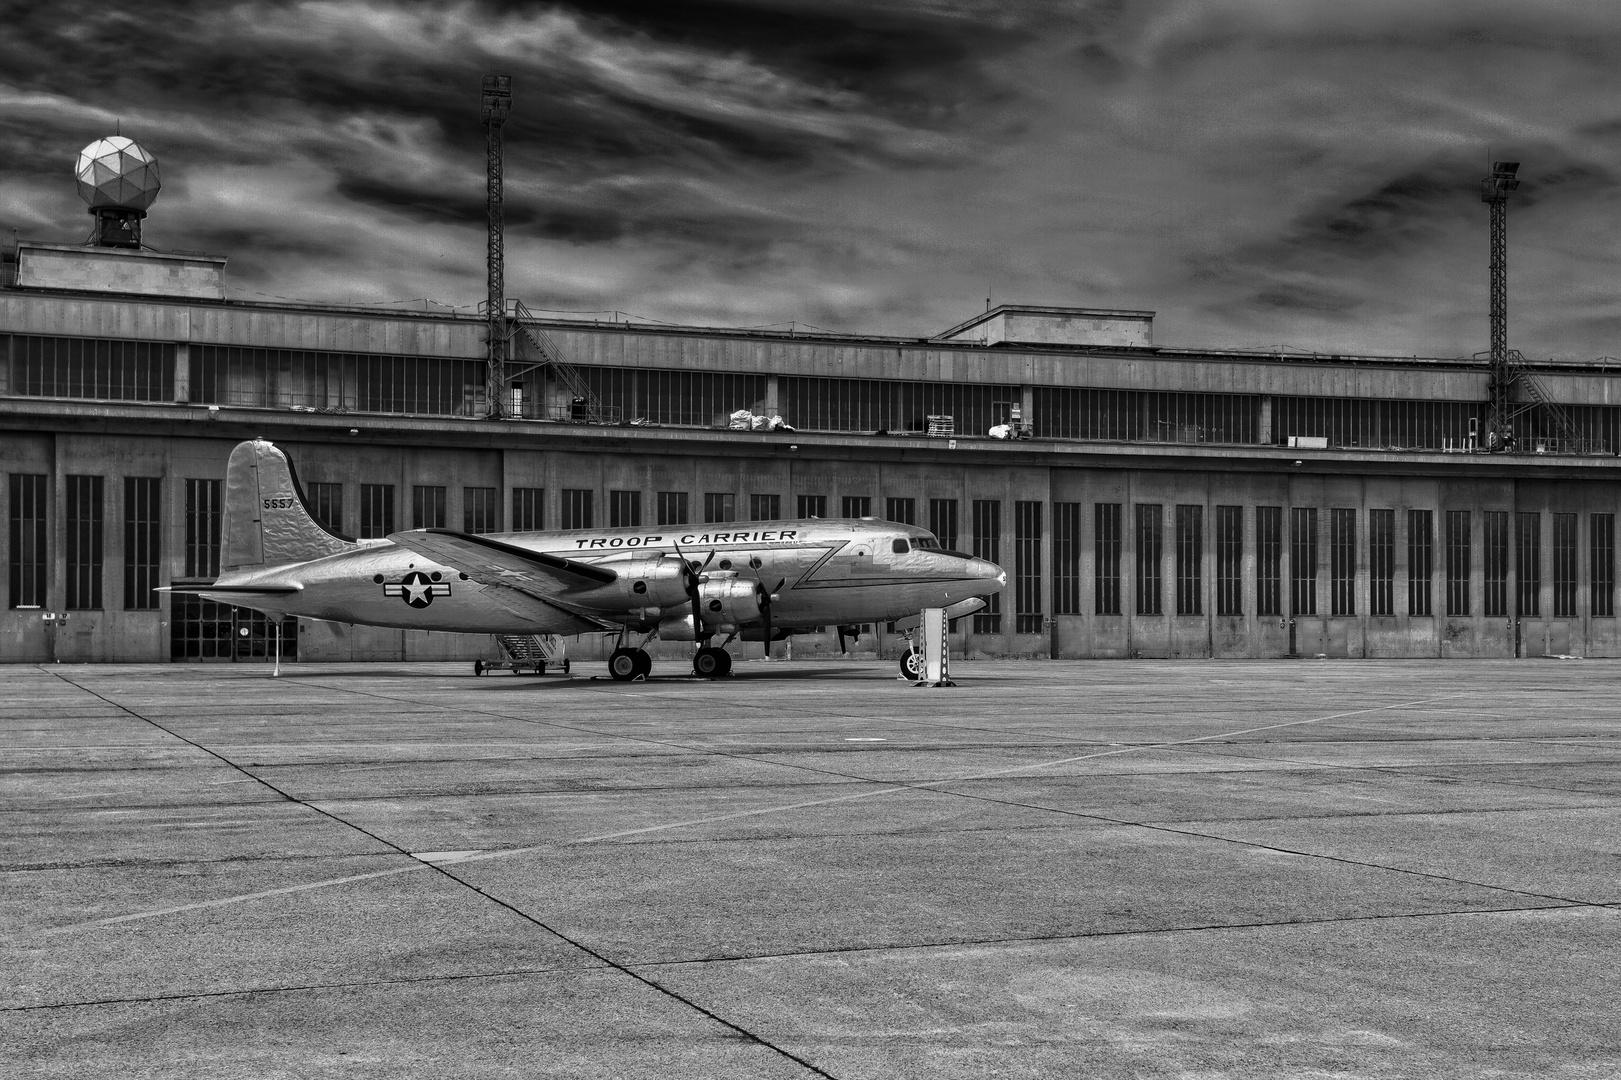 Flughafen Berlin Tempelhof (21)